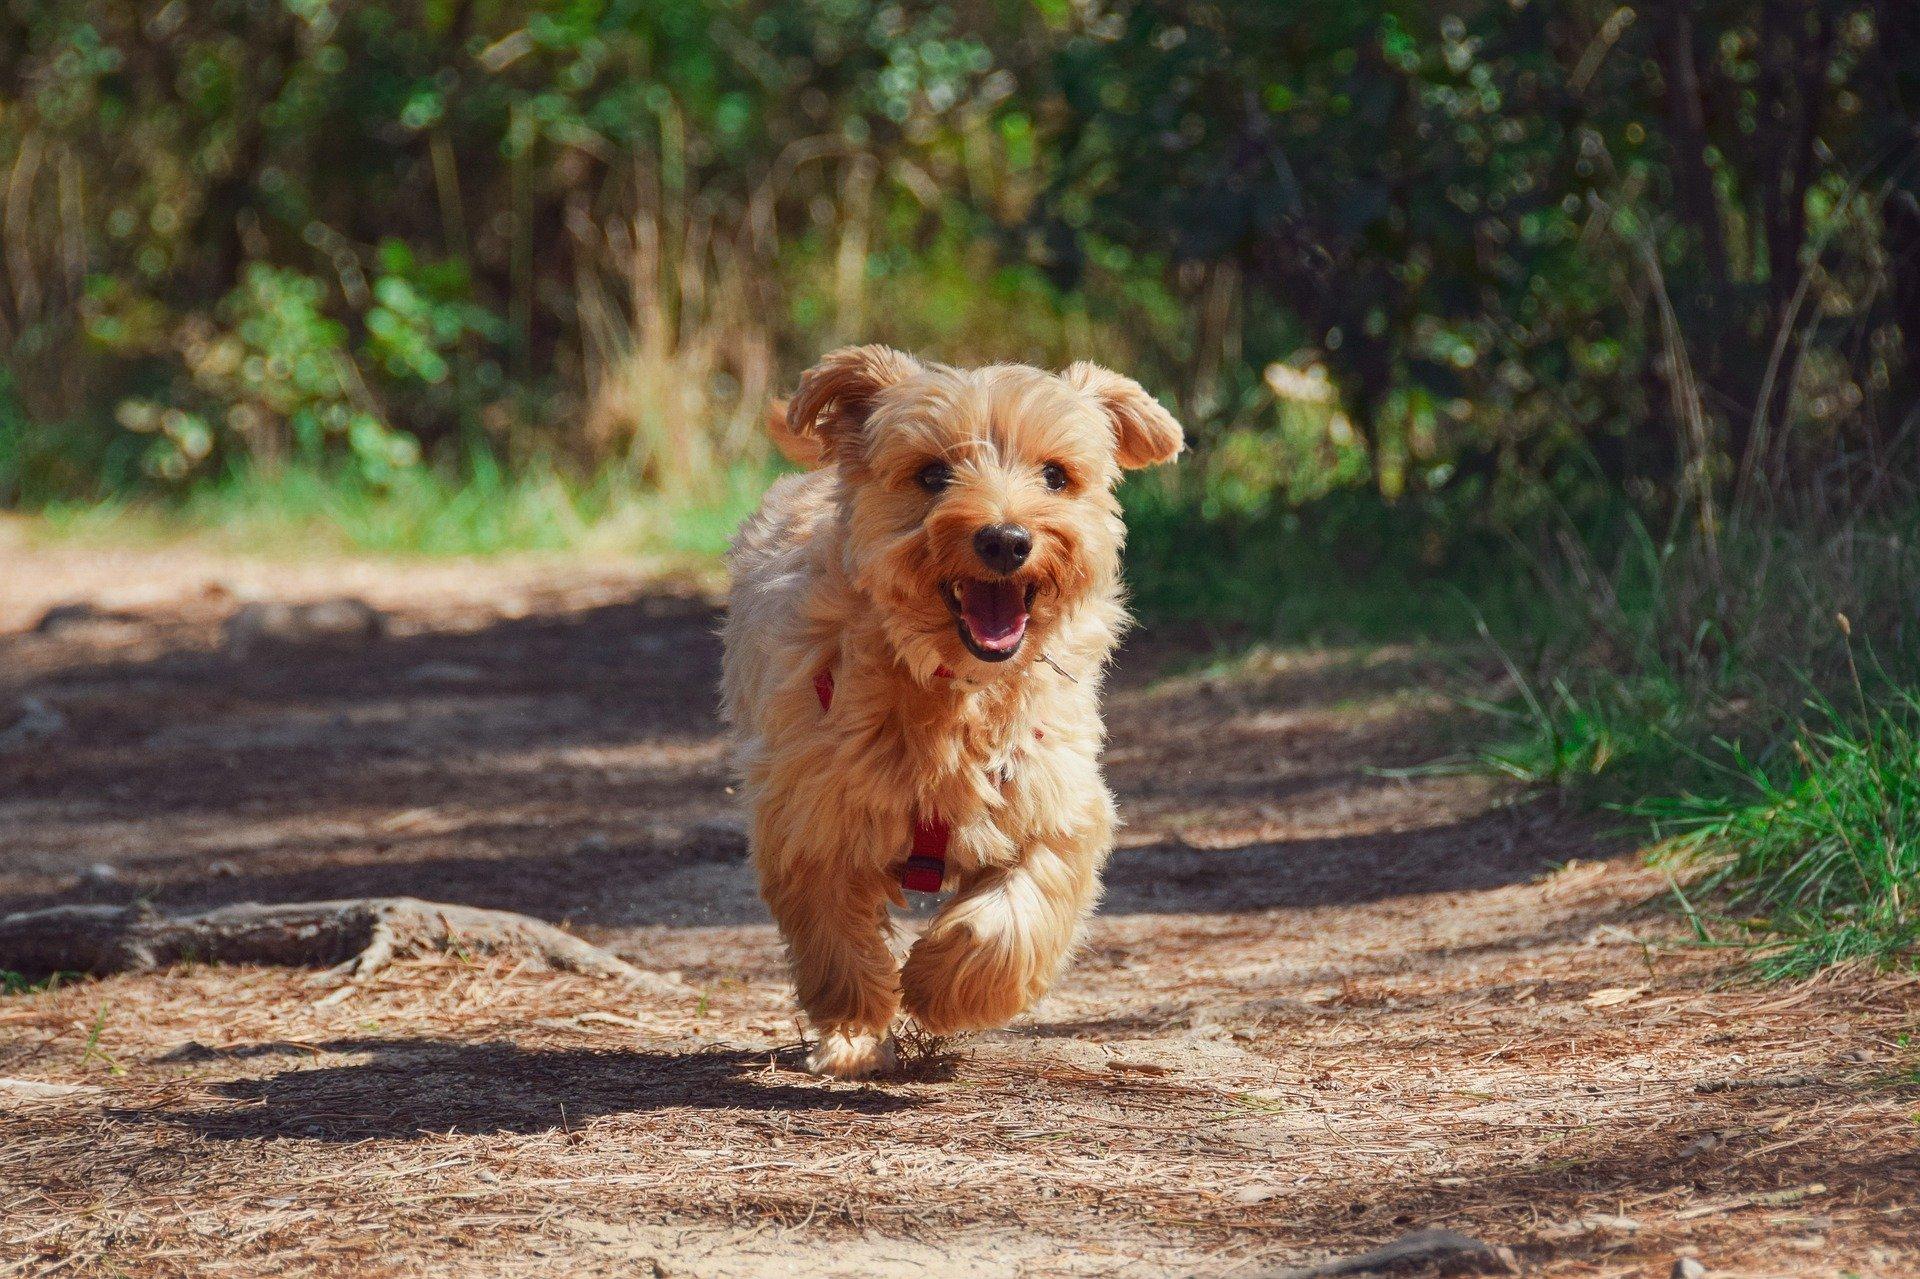 Un chien de race Terrier en train de courir sur un chemin